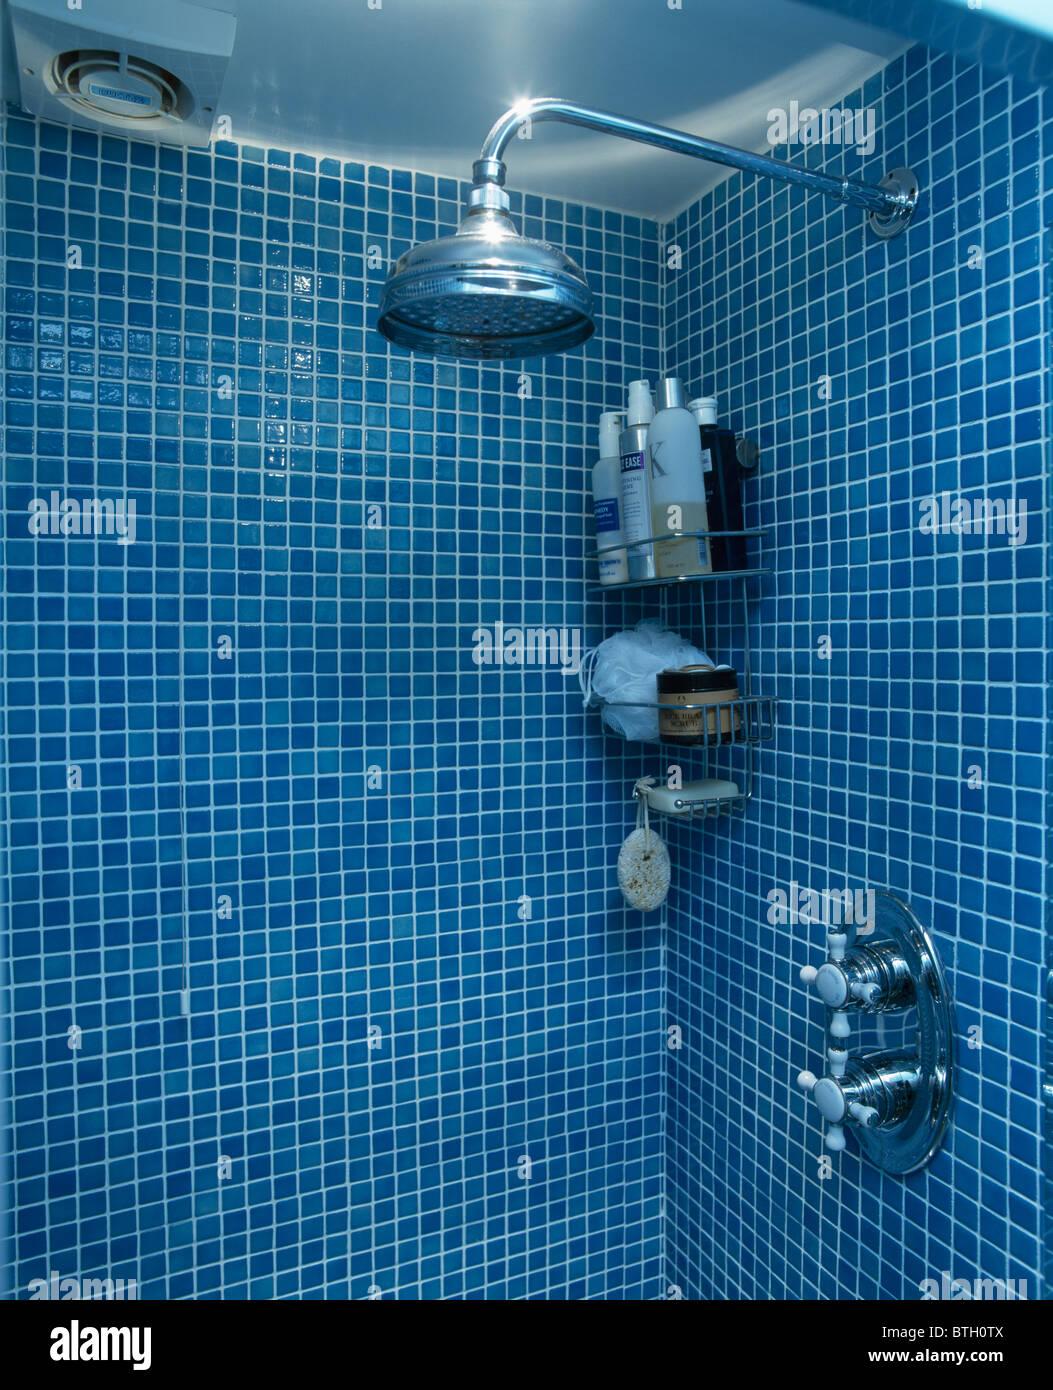 Nahaufnahme von Chrom-Duschkopf im blauen Mosaik gefliest ...